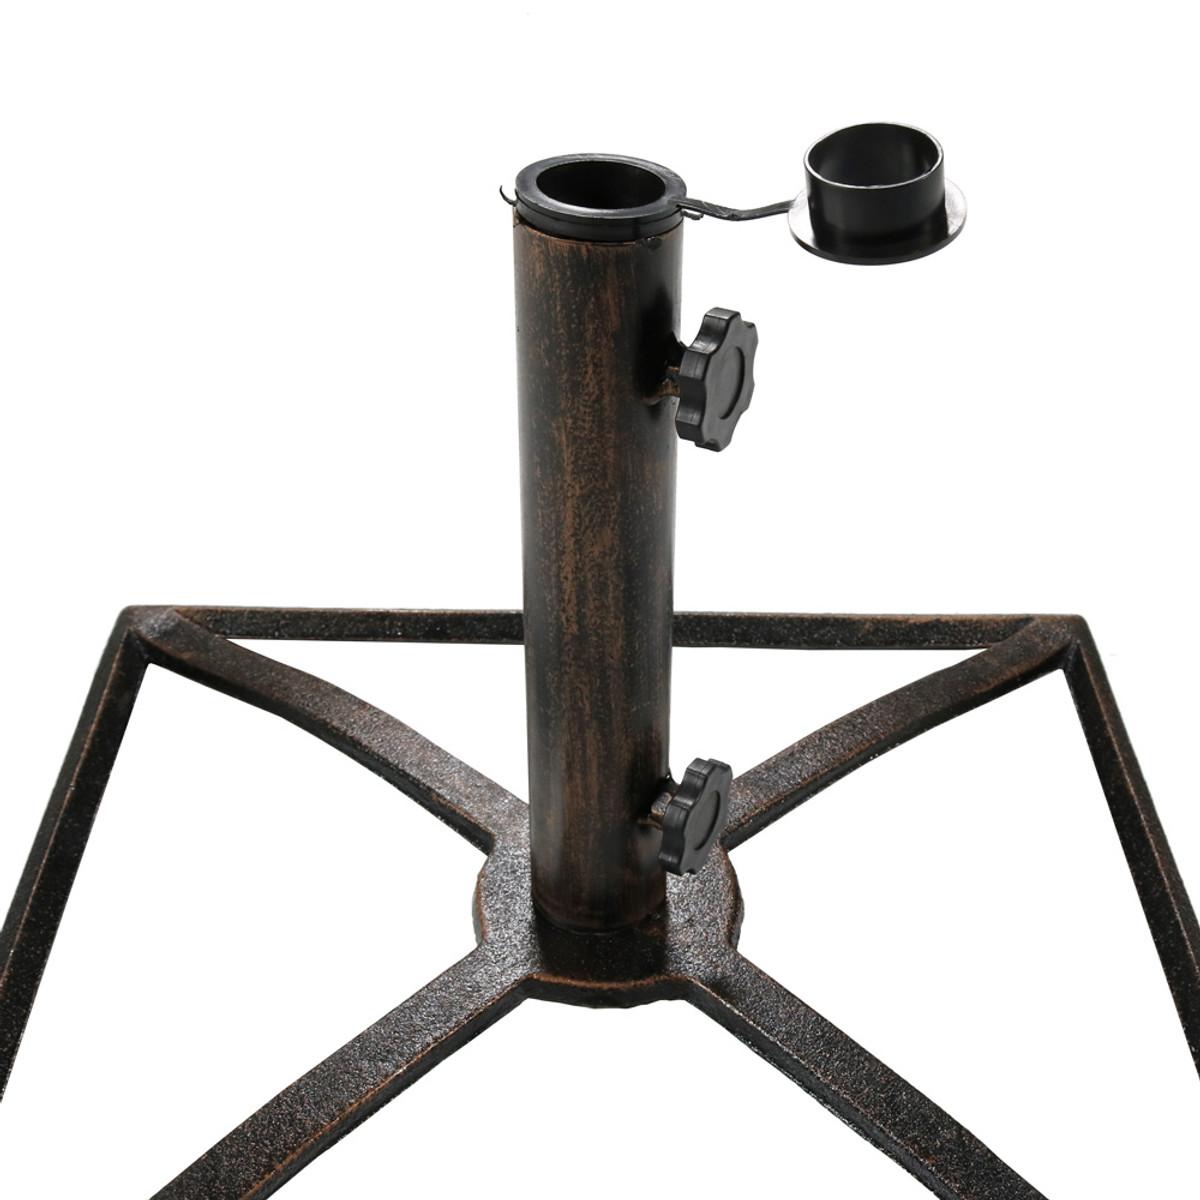 7dade63fee50 Sunnydaze Square Bronze Cast Iron Outdoor Patio Umbrella Base Stand ...